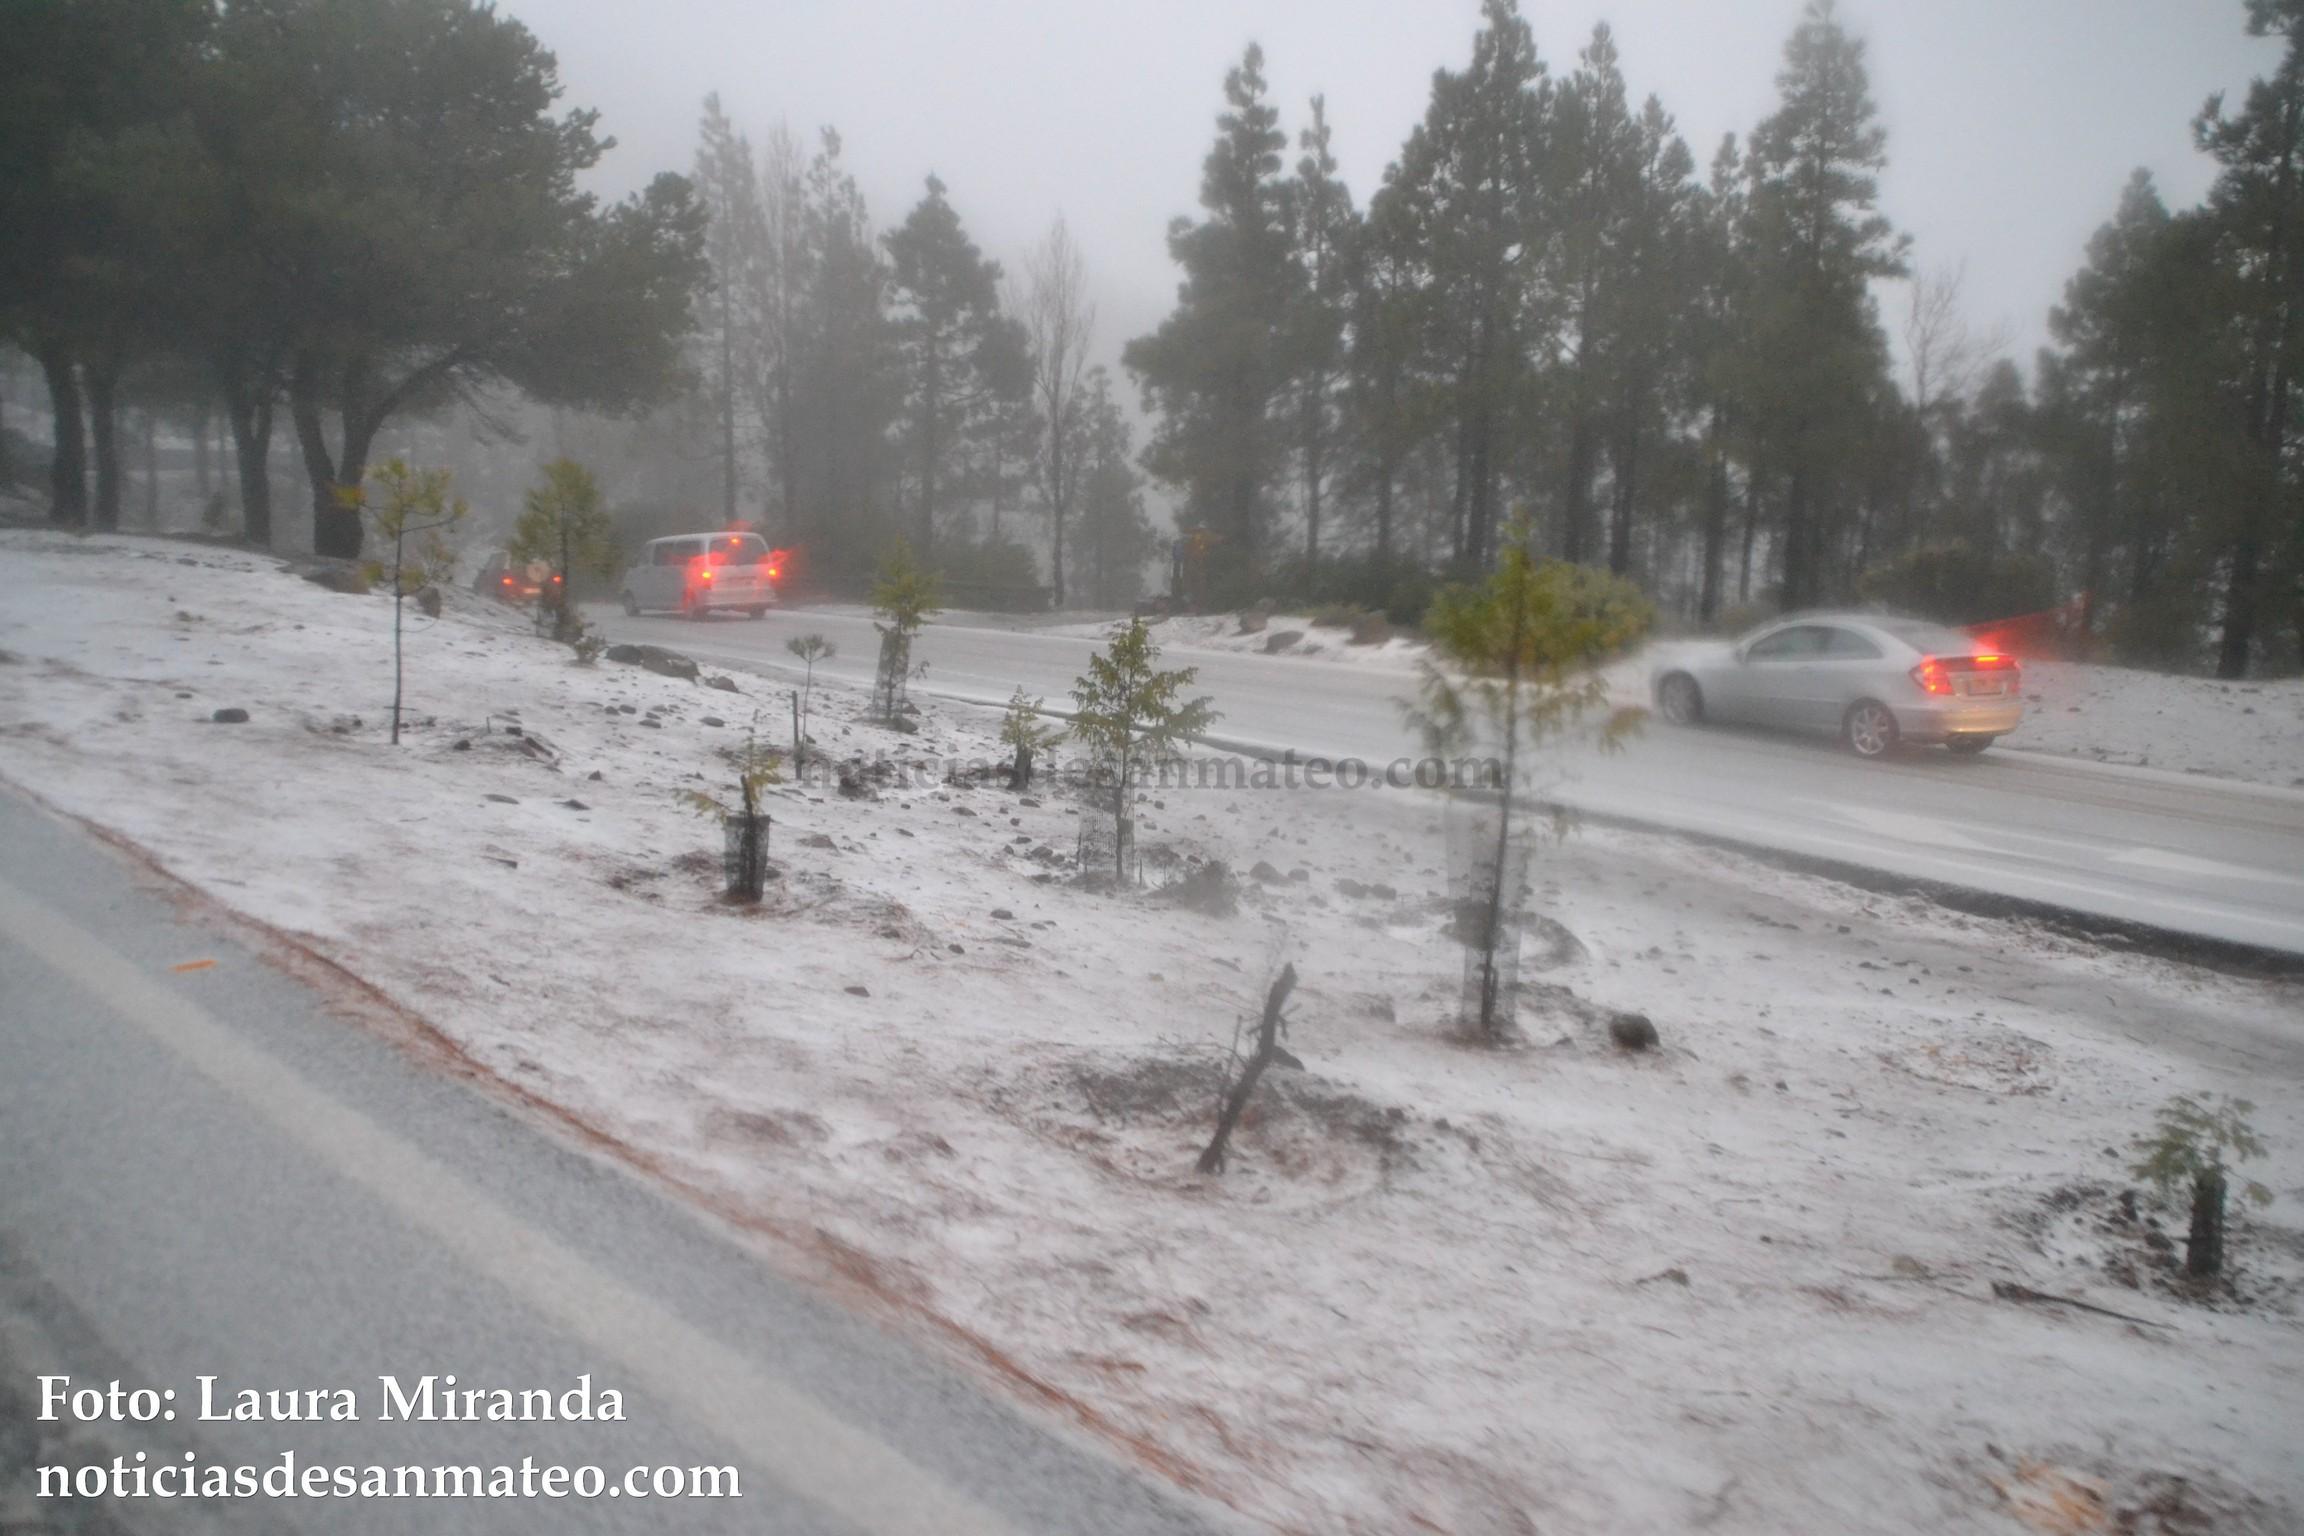 Carretera nevada Cumbre 19 de febrero de 2016 Foto Laura Miranda Noticias de San Mateo